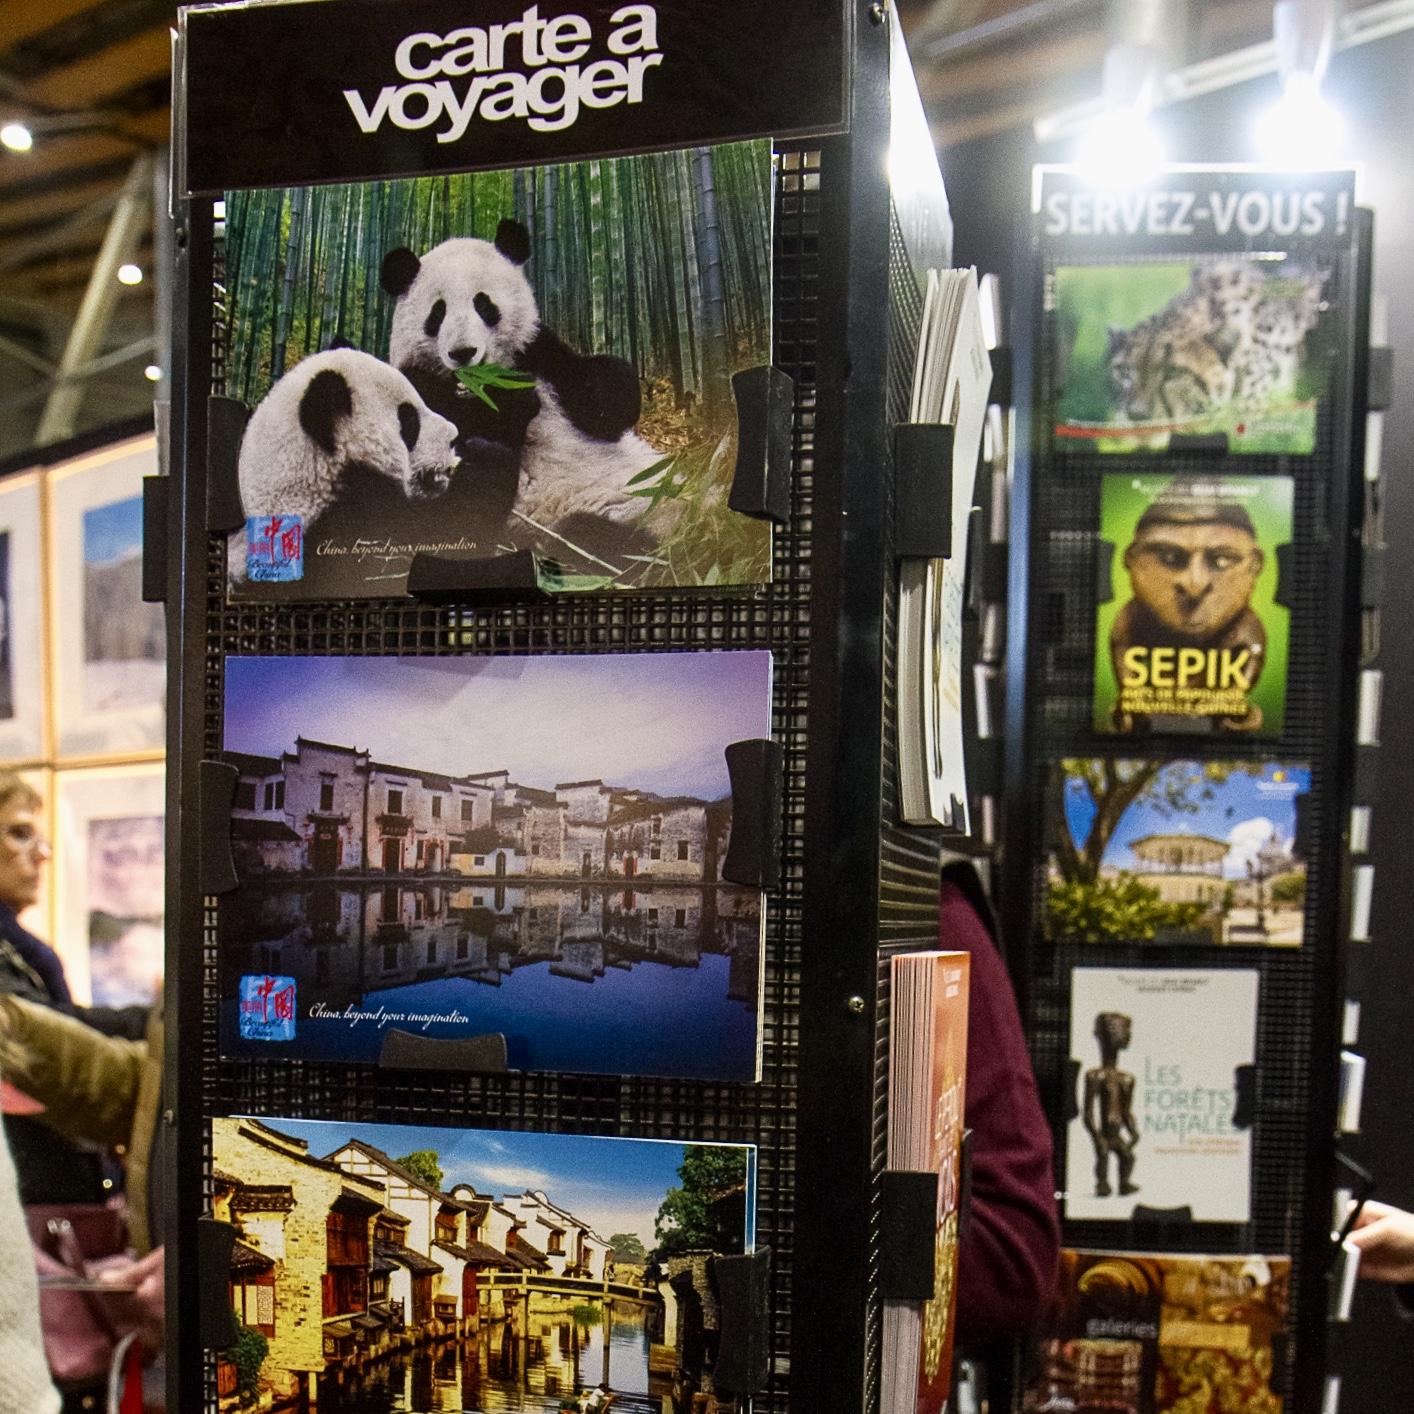 c-08-Carte-a-Voyager-cartes-postales-gratuites-offertes-visiteurs-salons-tourisme-mahana-tourissima-lille-lyon-paris-salon-mondial-du-tourisme-servez-vous